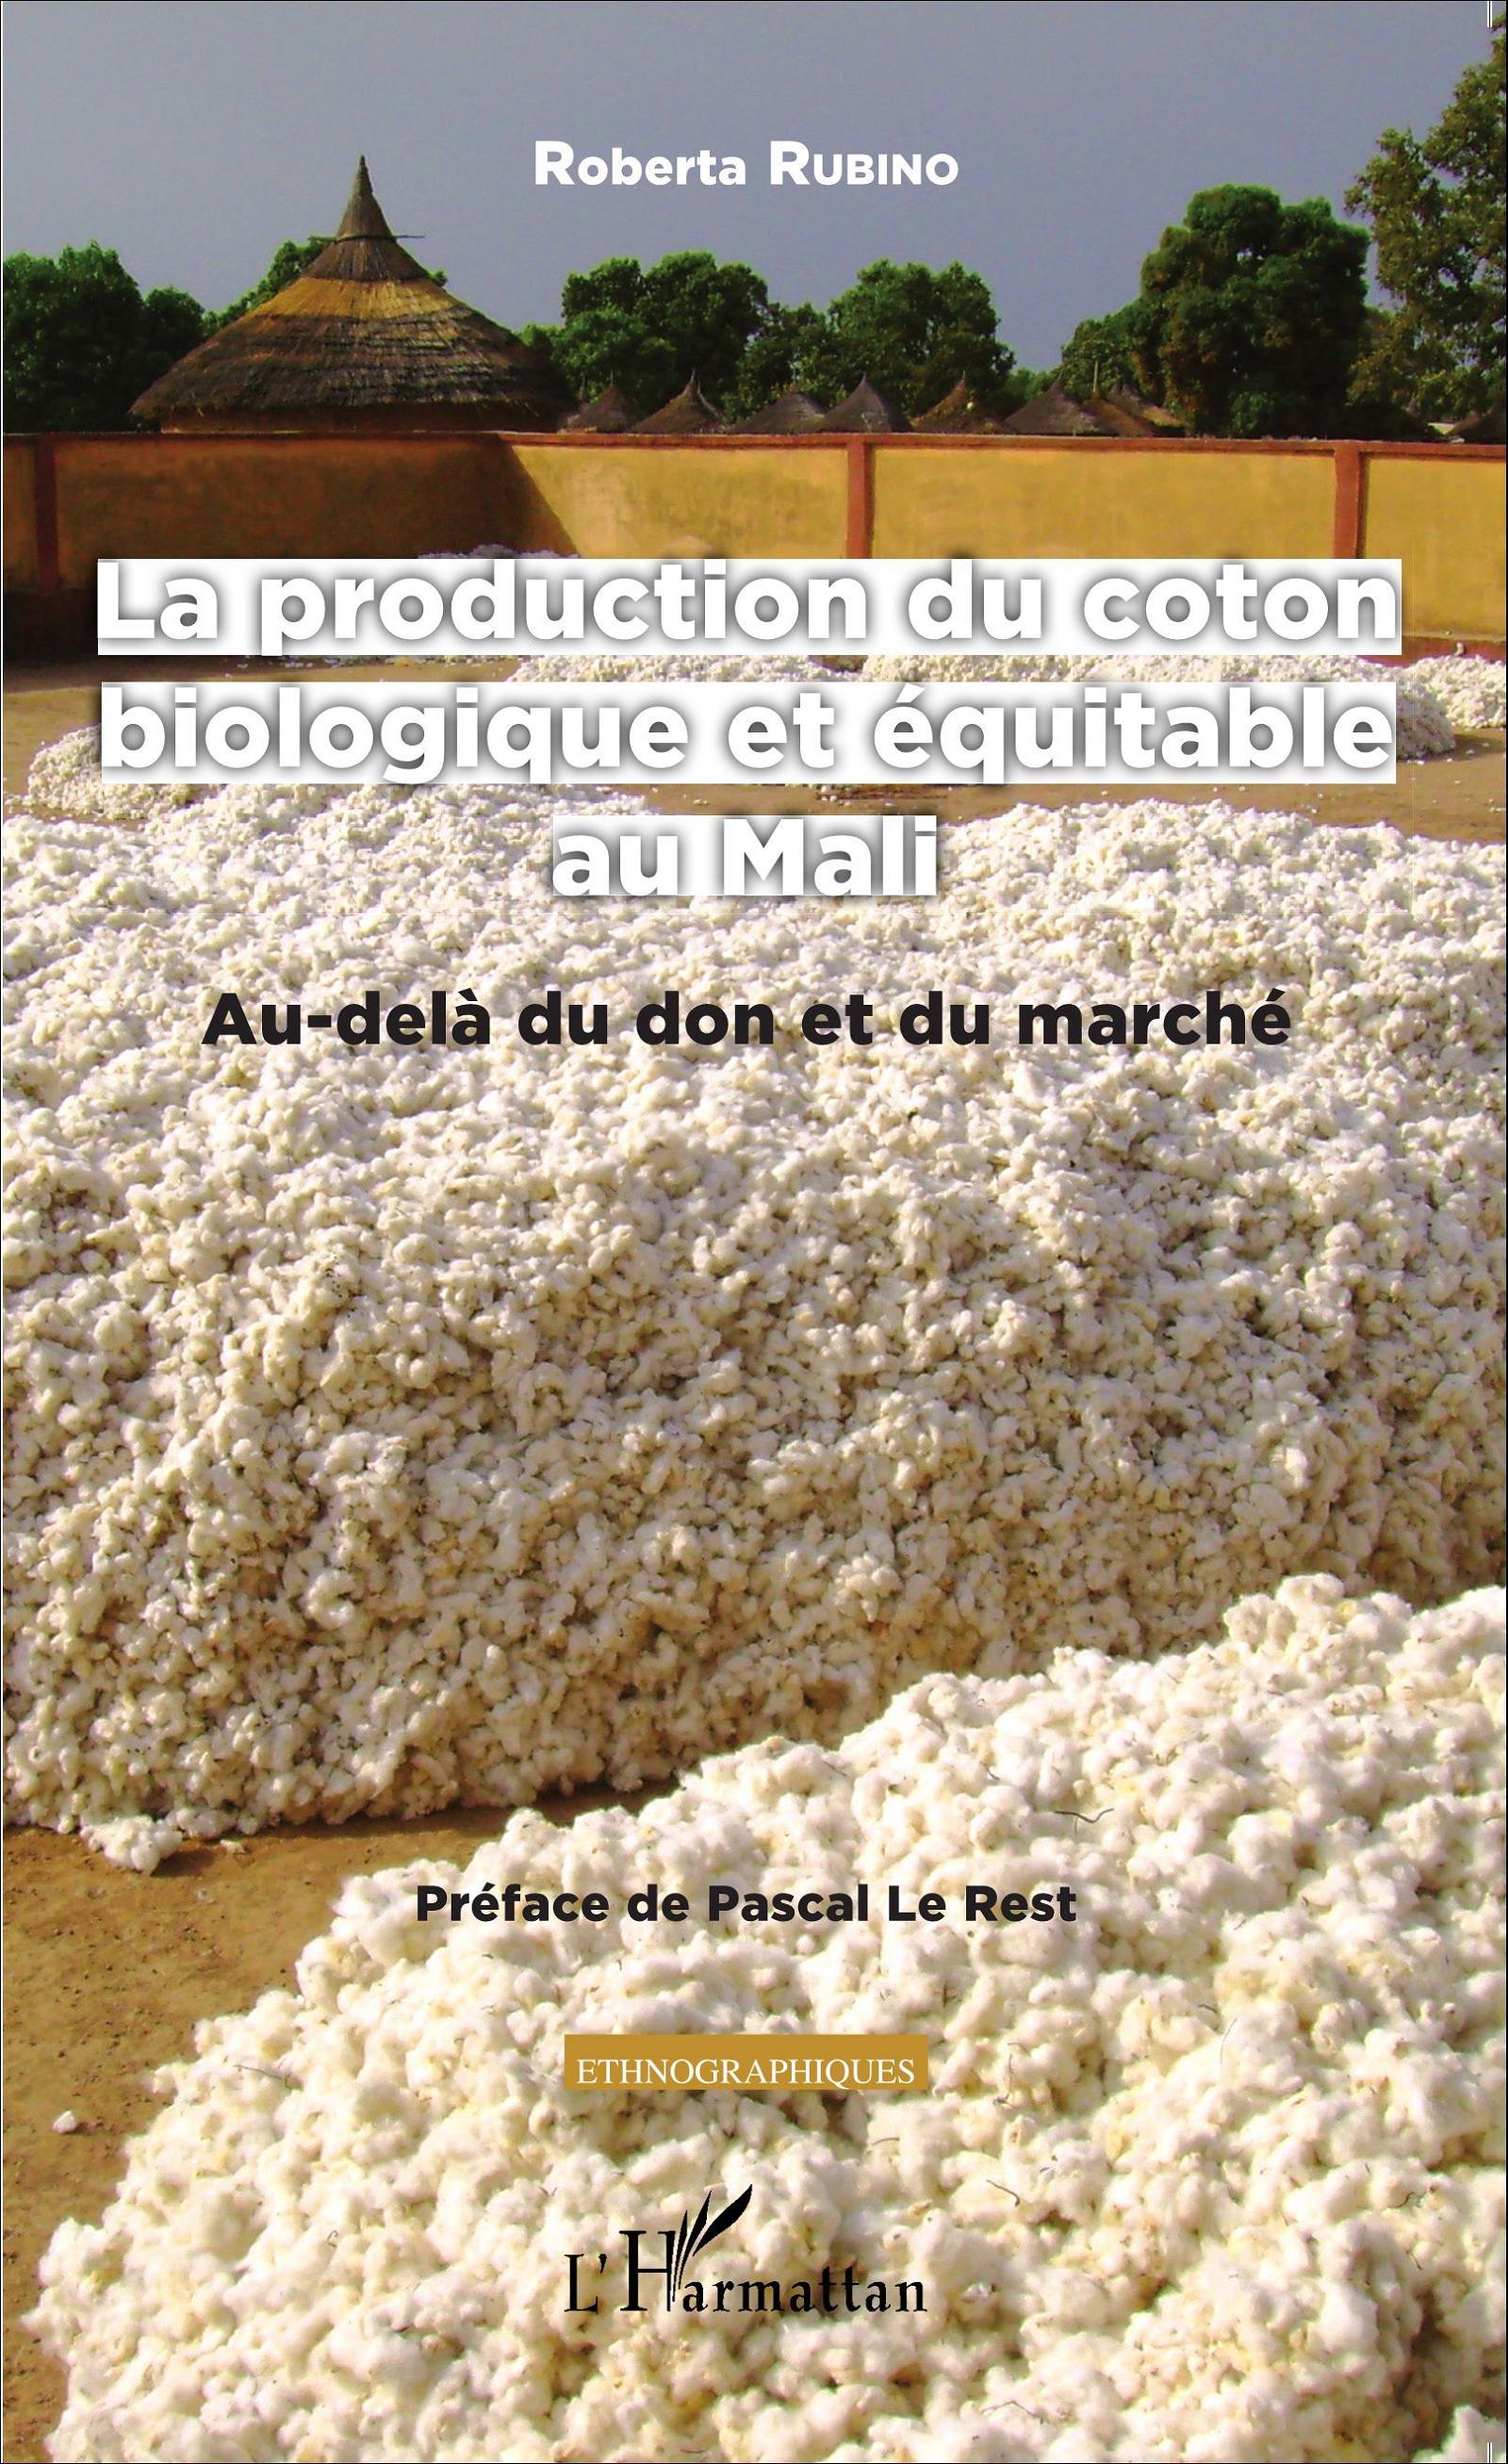 LA PRODUCTION DU COTON BIOLOGIQUE ET ÉQUITABLE AU MALI - Au-delà du ...